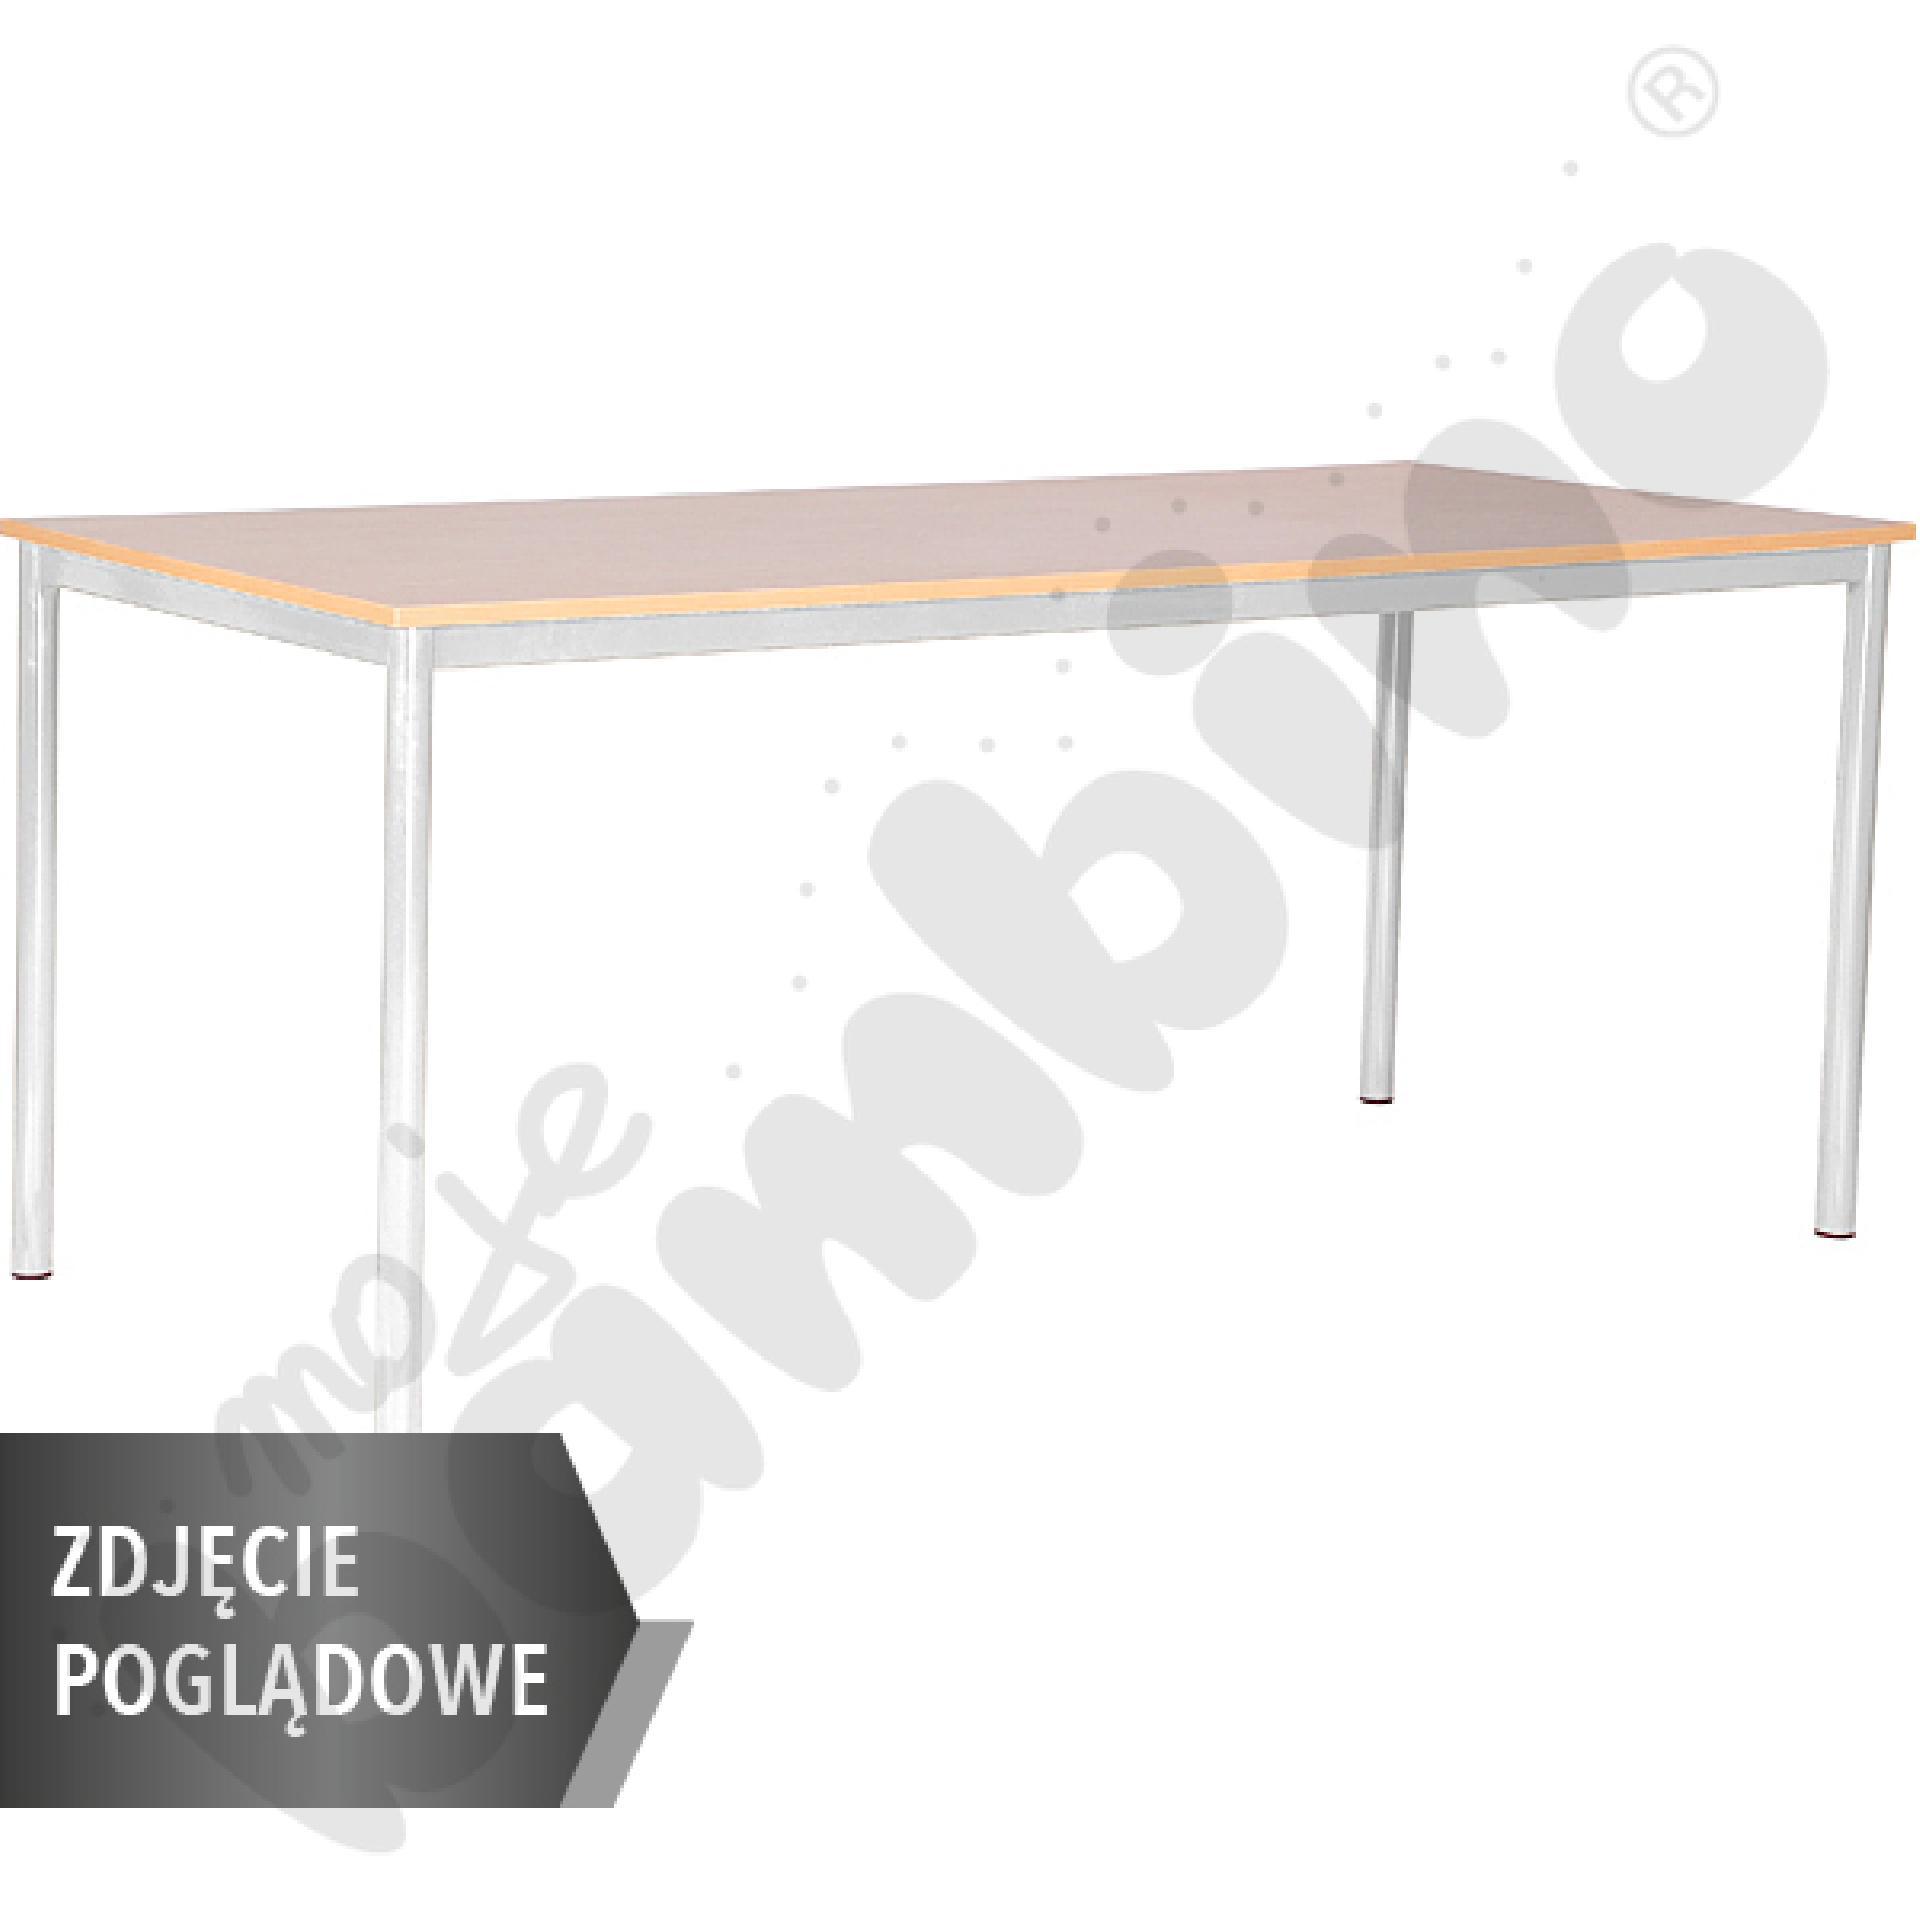 Stół Mila 180x80 rozm. 6, 8os., stelaż czerwony, blat brzoza, obrzeże ABS, narożniki proste